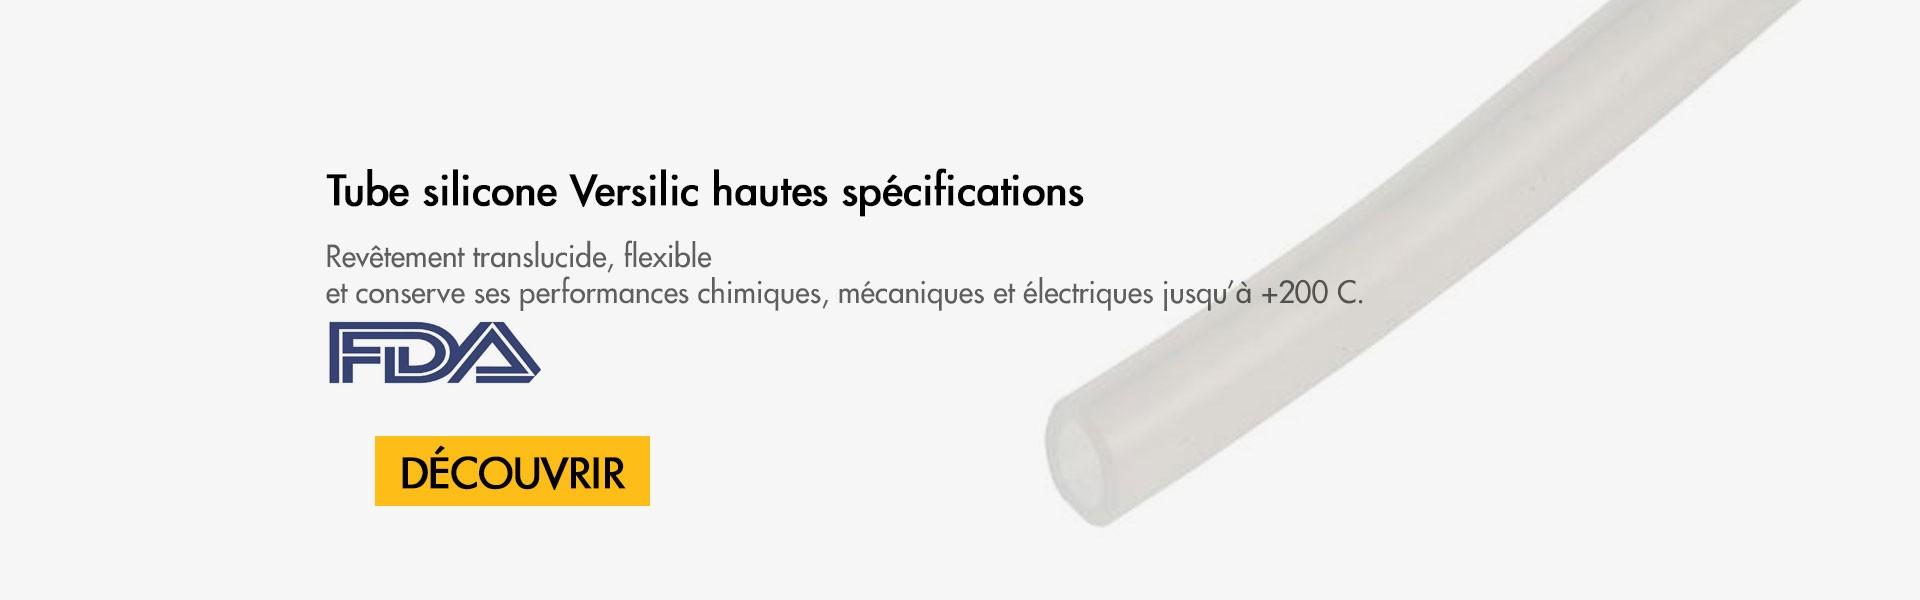 Tube silicone Versilic haute spécifications FDA